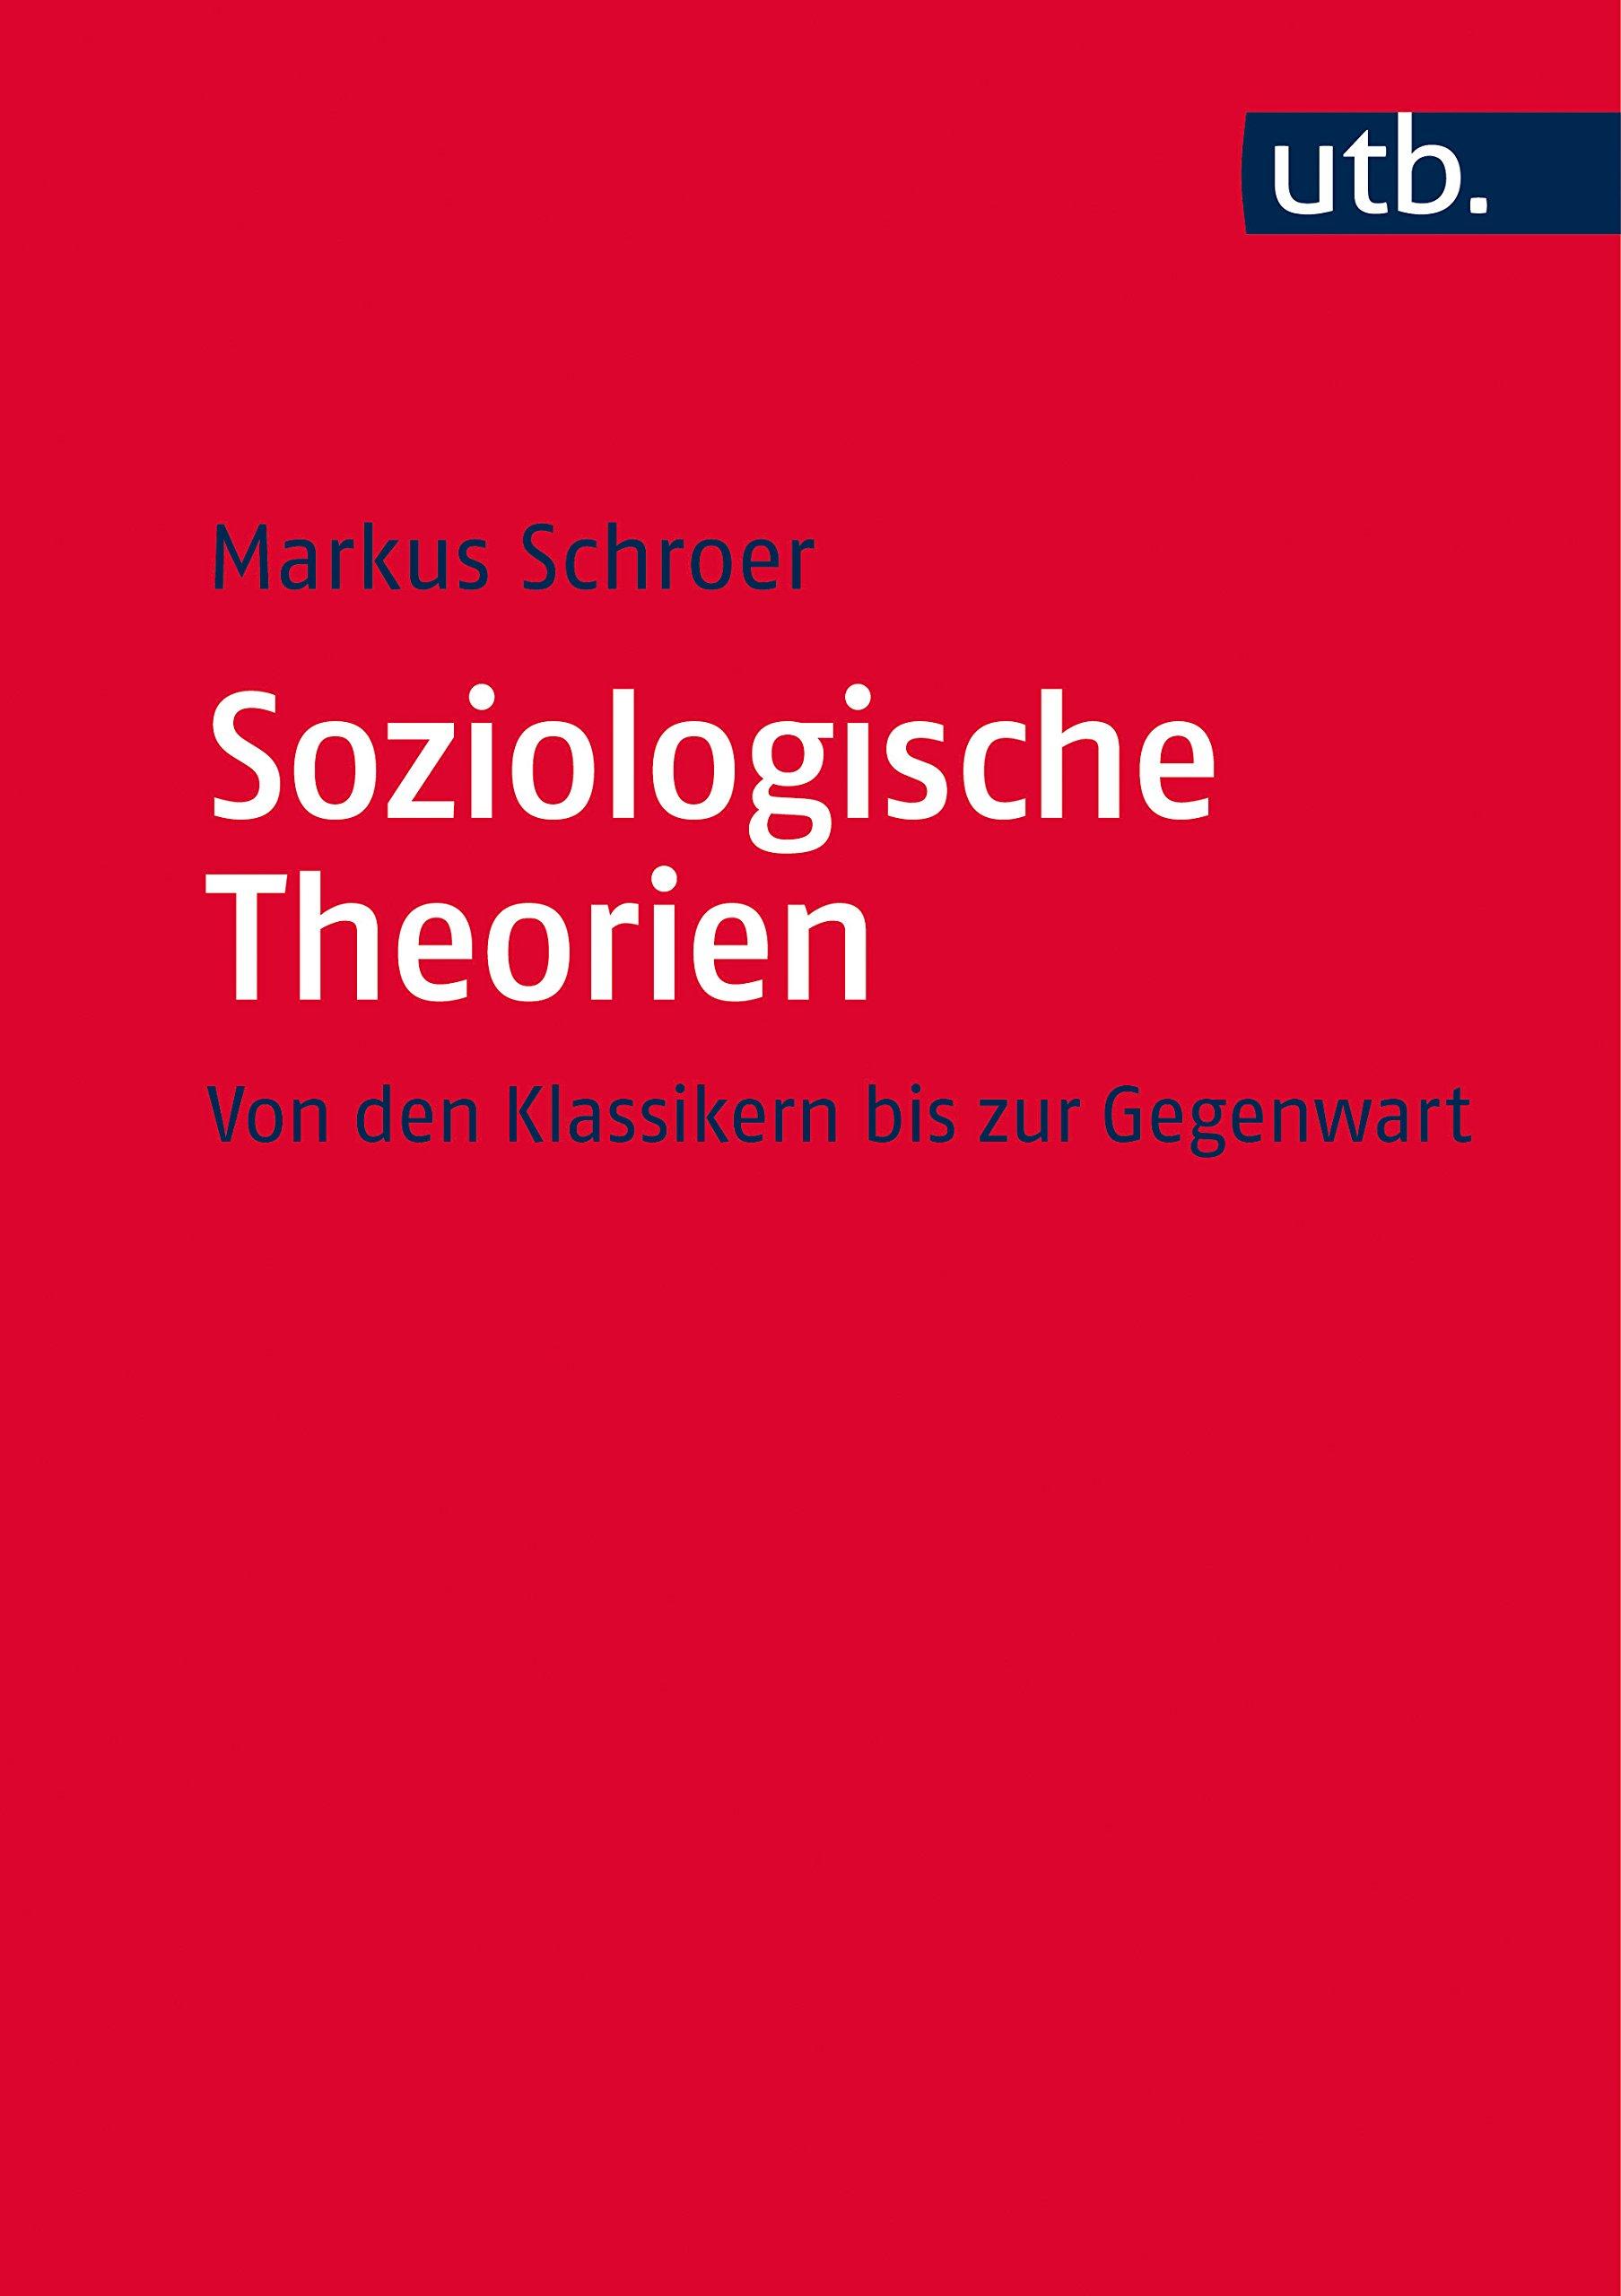 Soziologische Theorien: Von den Klassikern bis zur Gegenwart